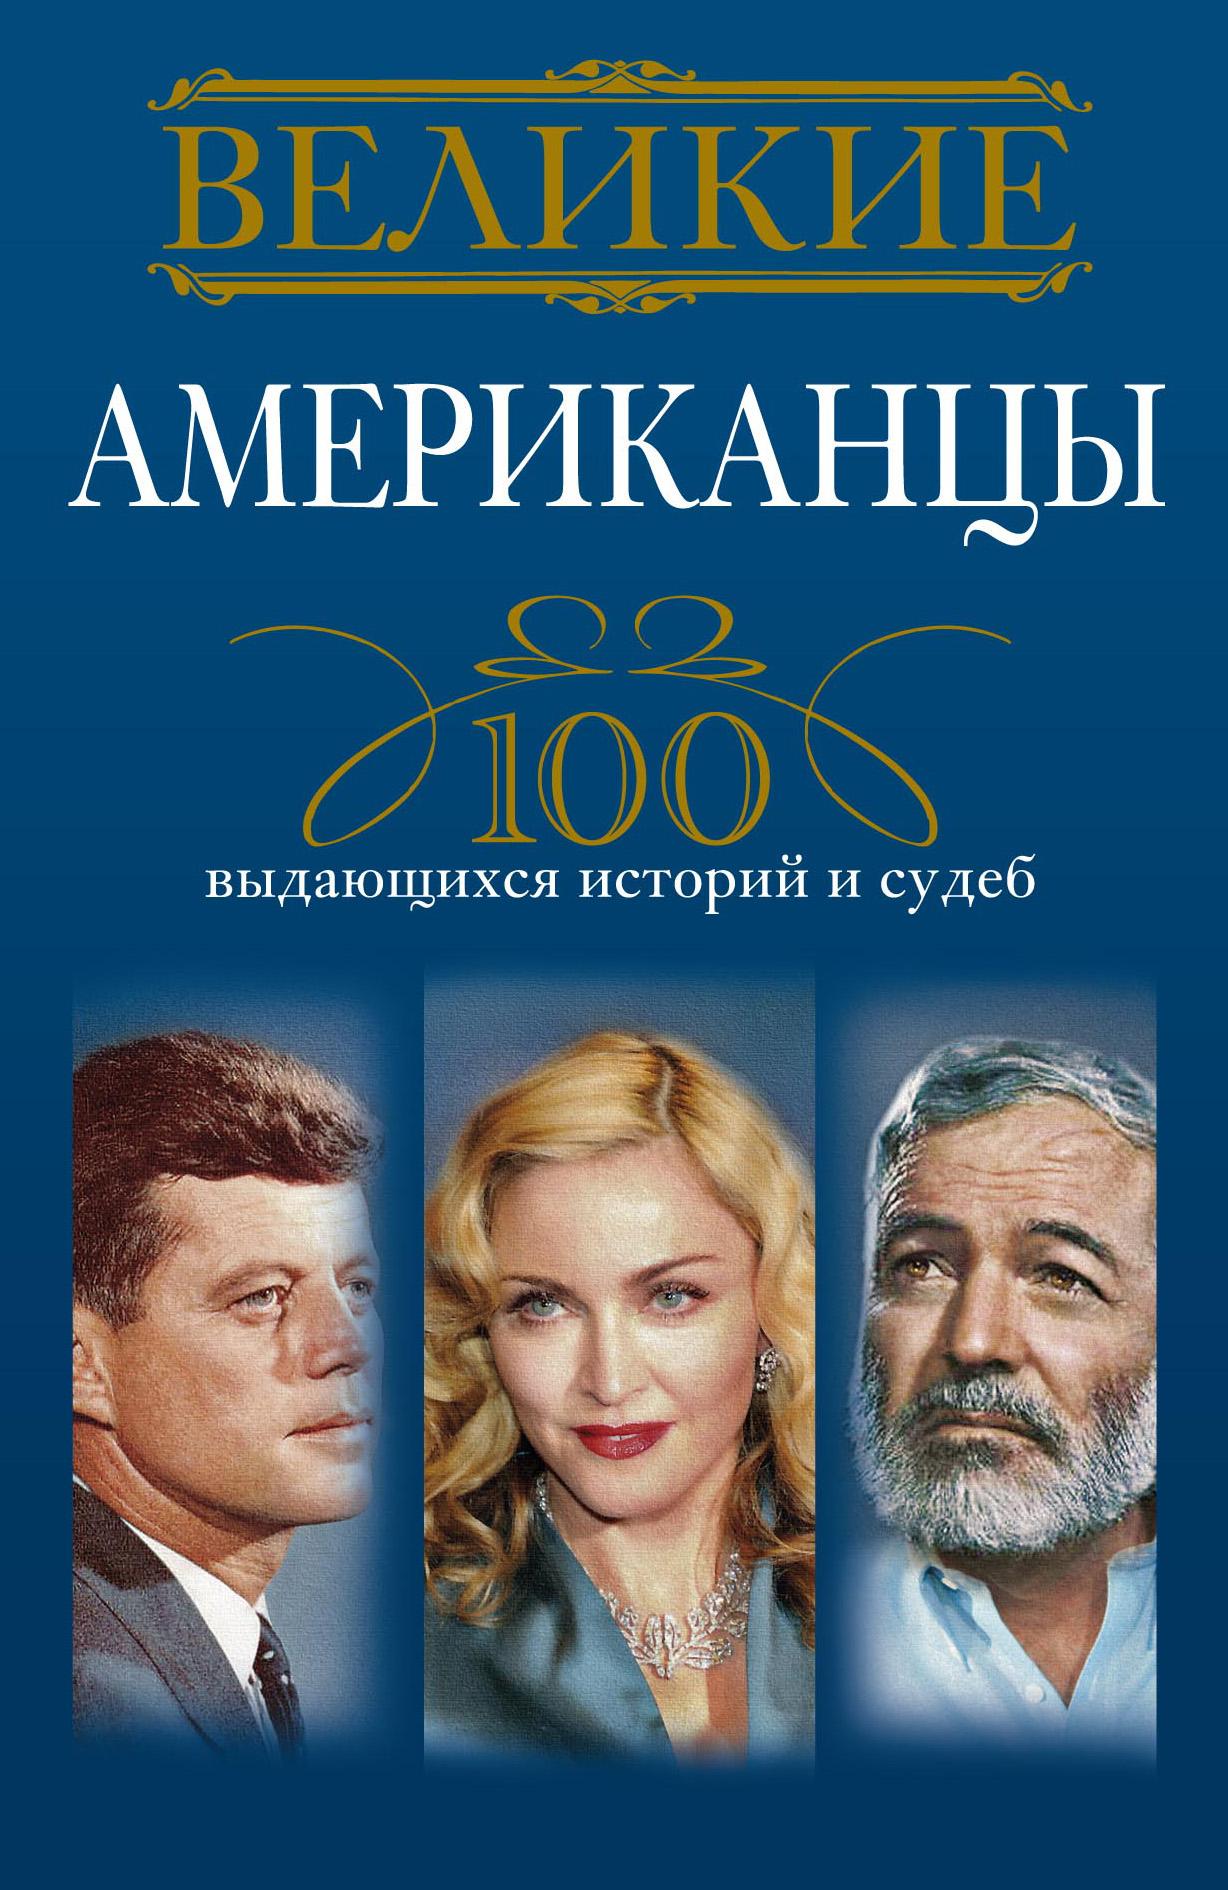 Андрей Гусаров «Великие американцы. 100 выдающихся историй и судеб»